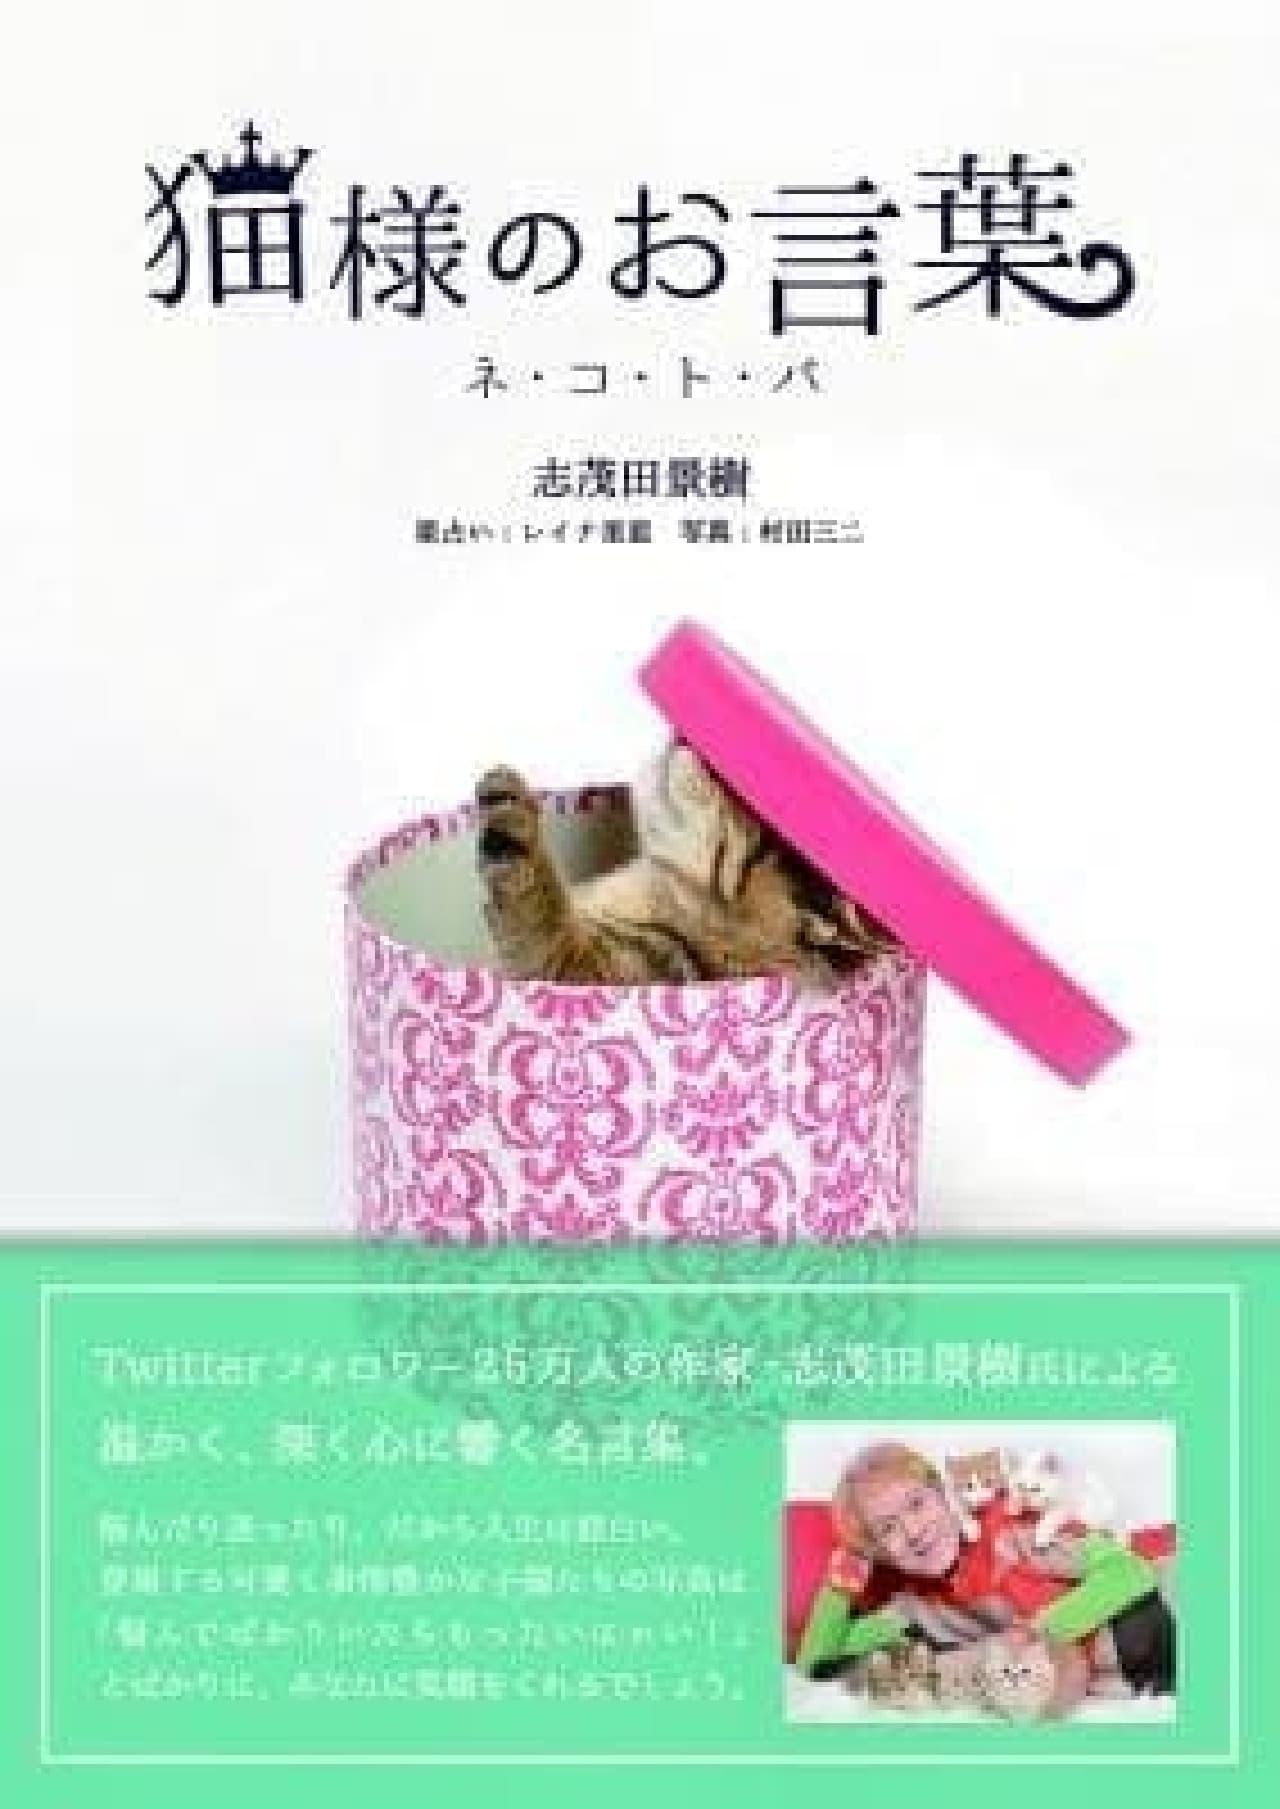 「猫様のお言葉 ネ・コ・ト・バ」/志茂田景樹